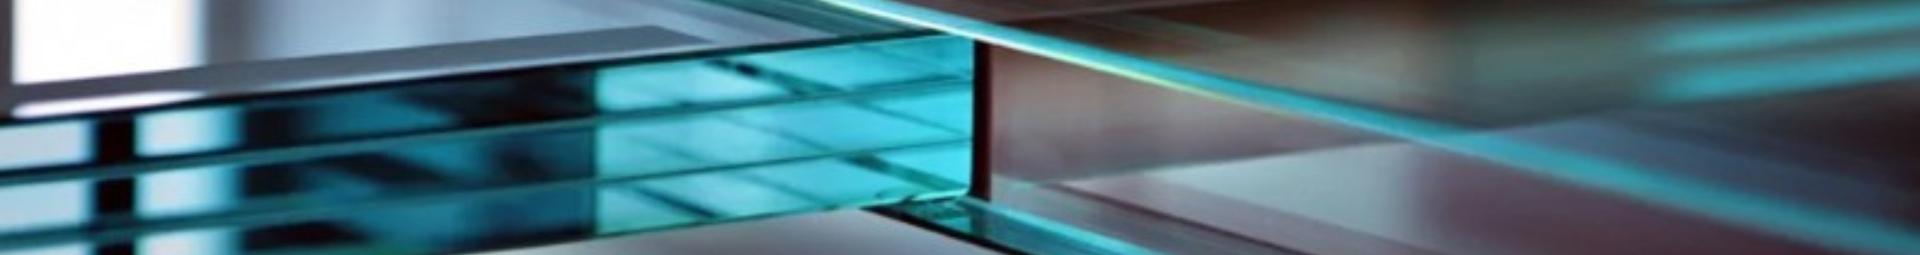 Walkable Glass